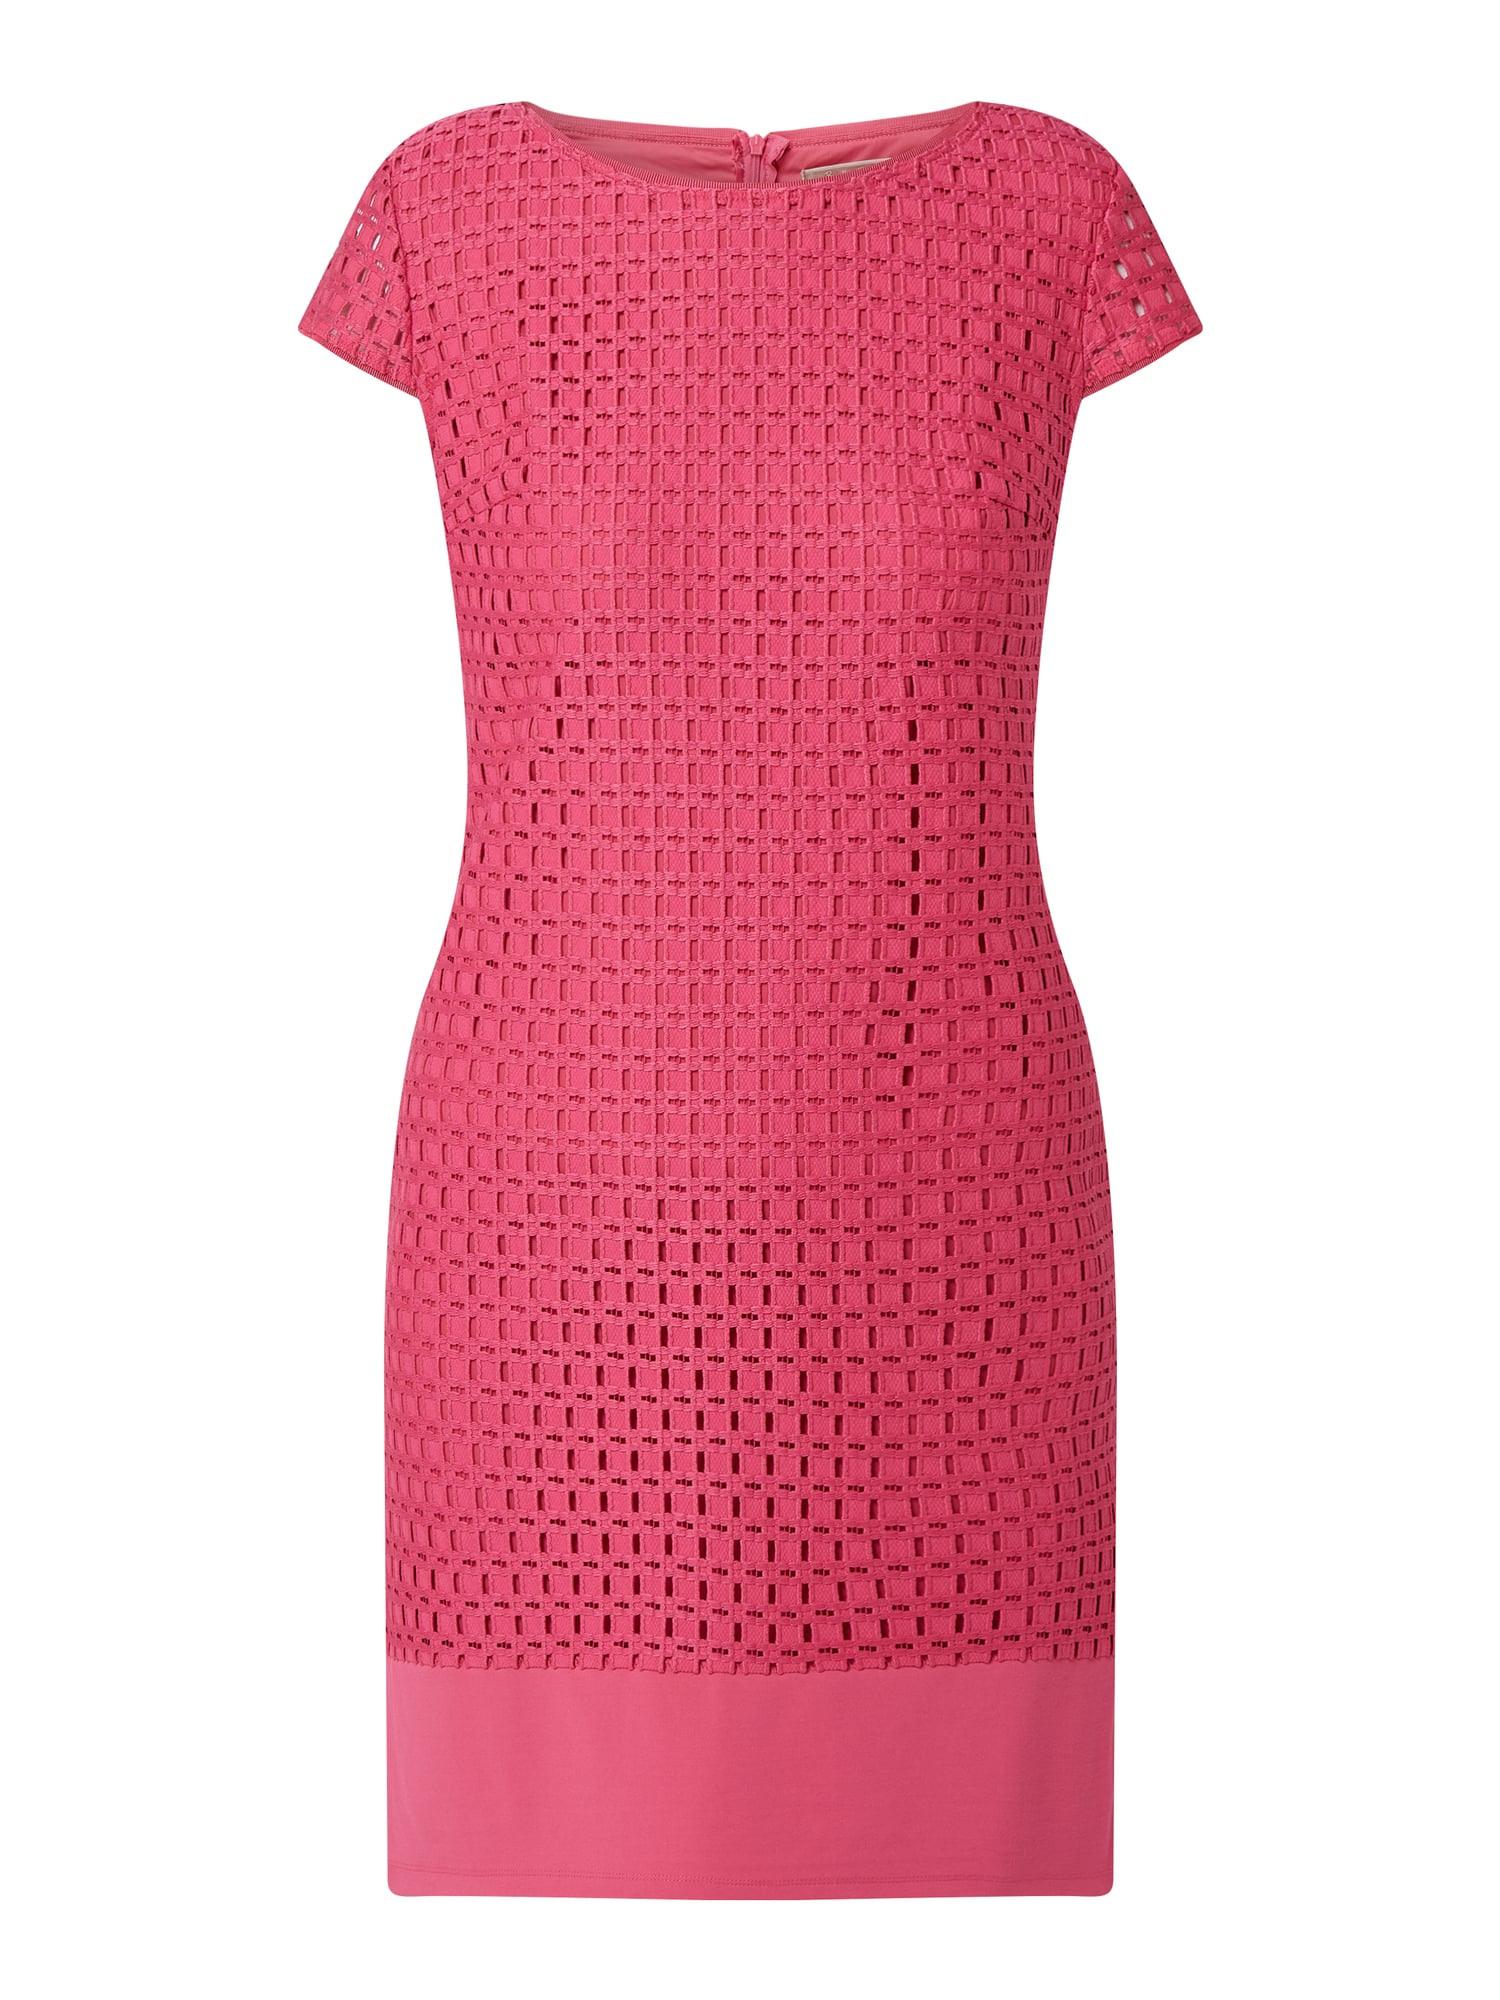 Betty Barclay Kleid Mit Lochmuster In Rosé Online Kaufen